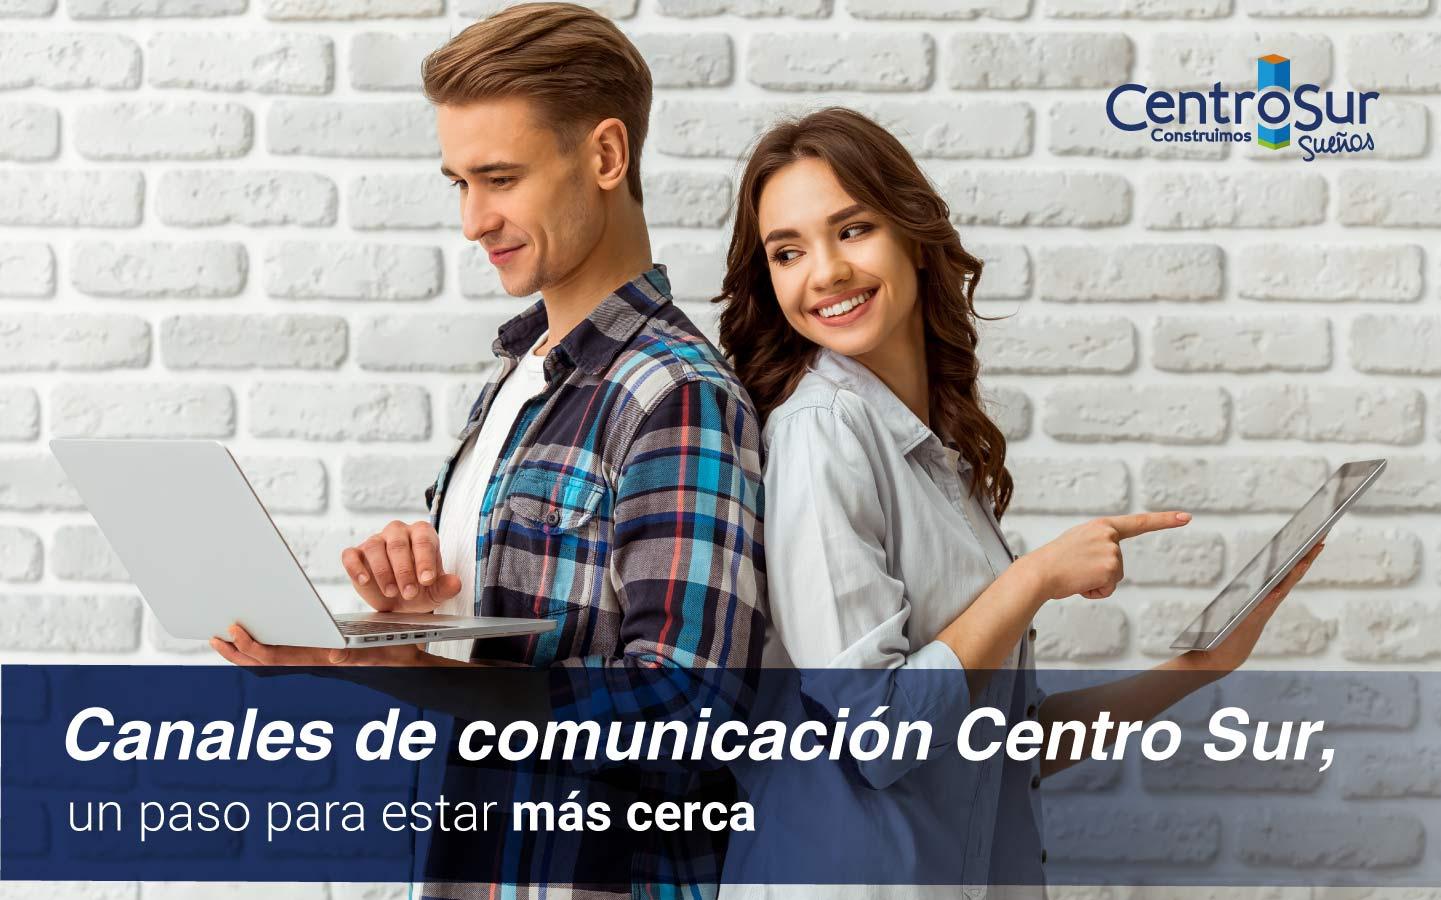 Canales de comunicación Centro Sur, una alternativa para estar más cerca de ti